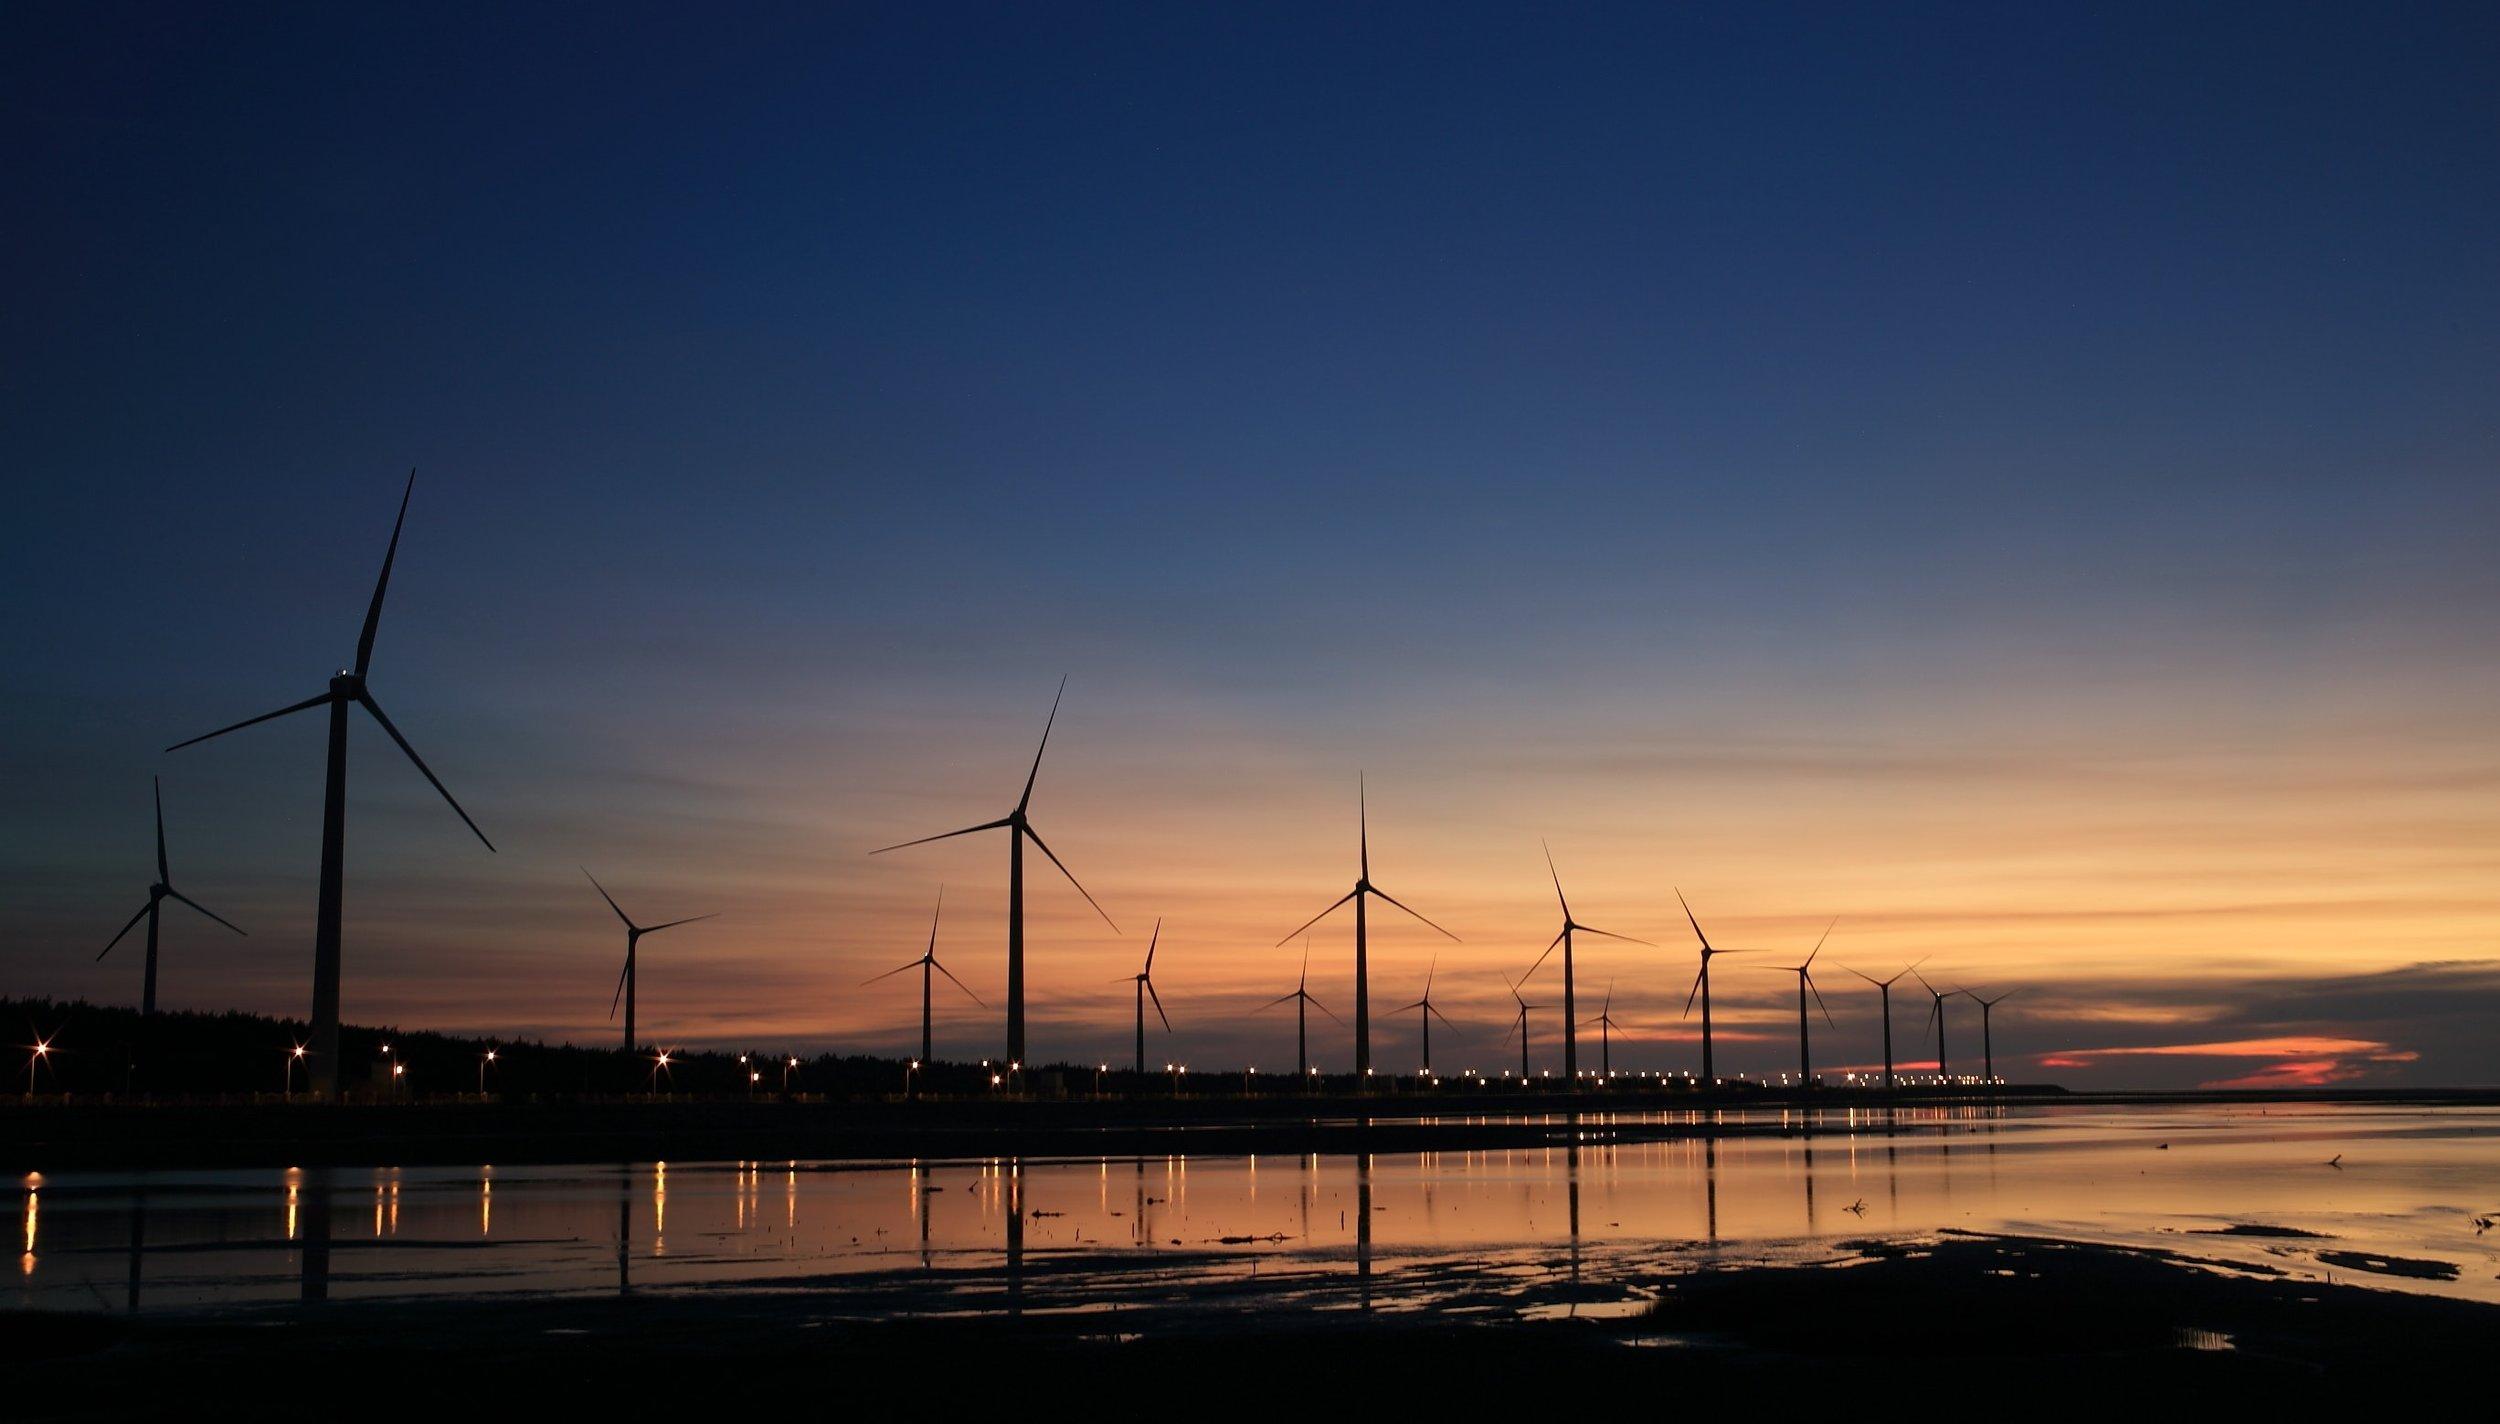 clouds-dawn-dusk-157039 (1).jpg